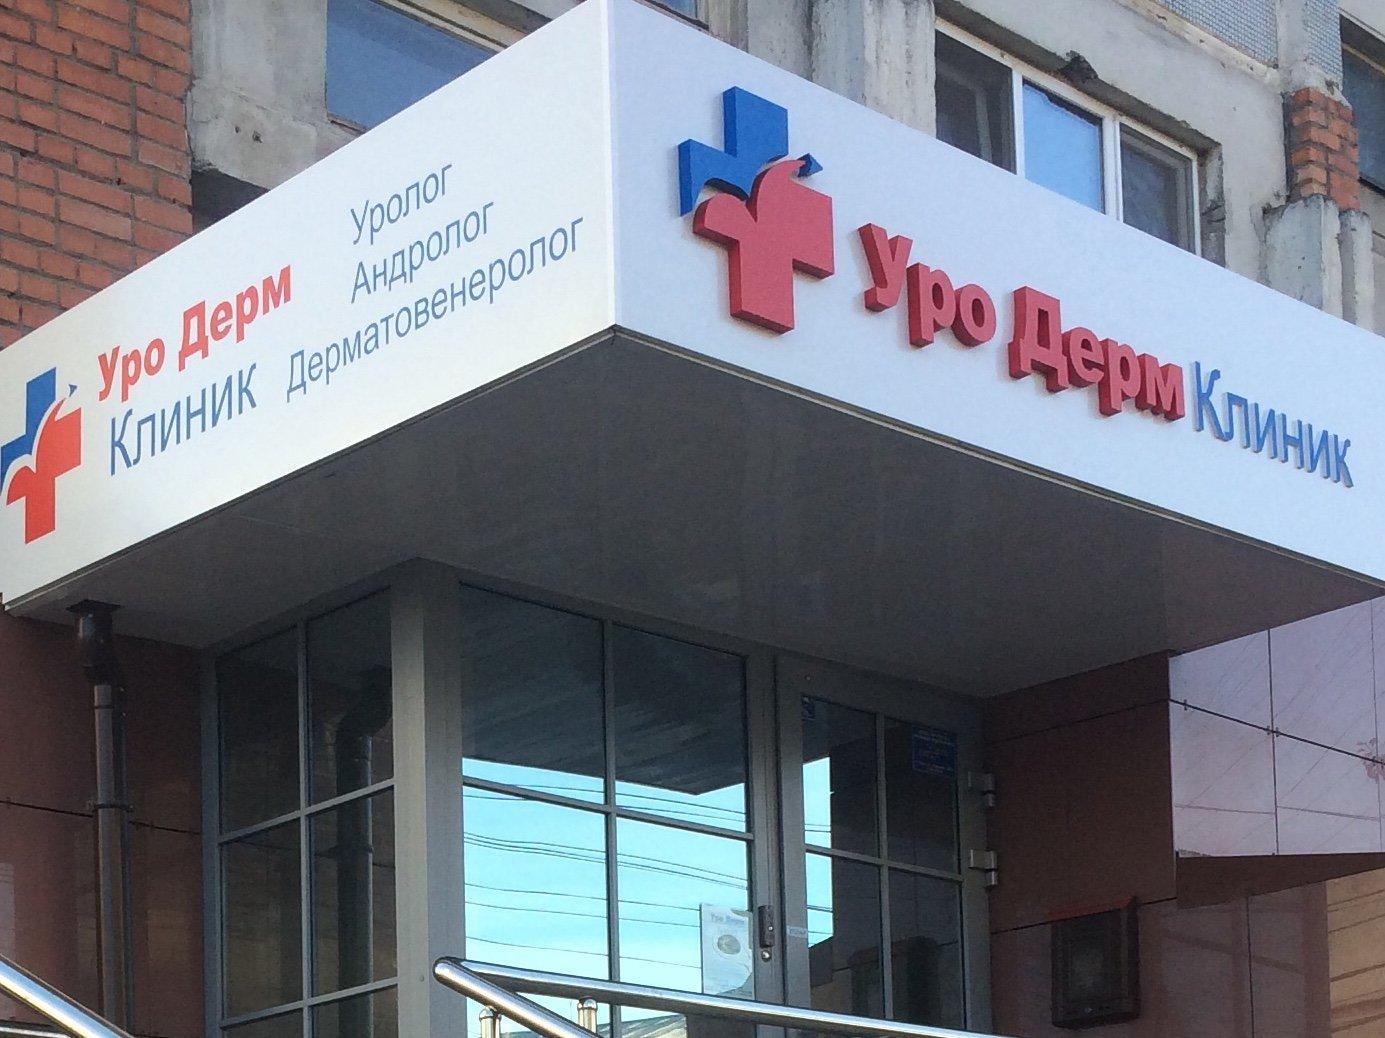 фотография Специализированного медицинского центра Уро Дерм Клиник на улице Фрунзе